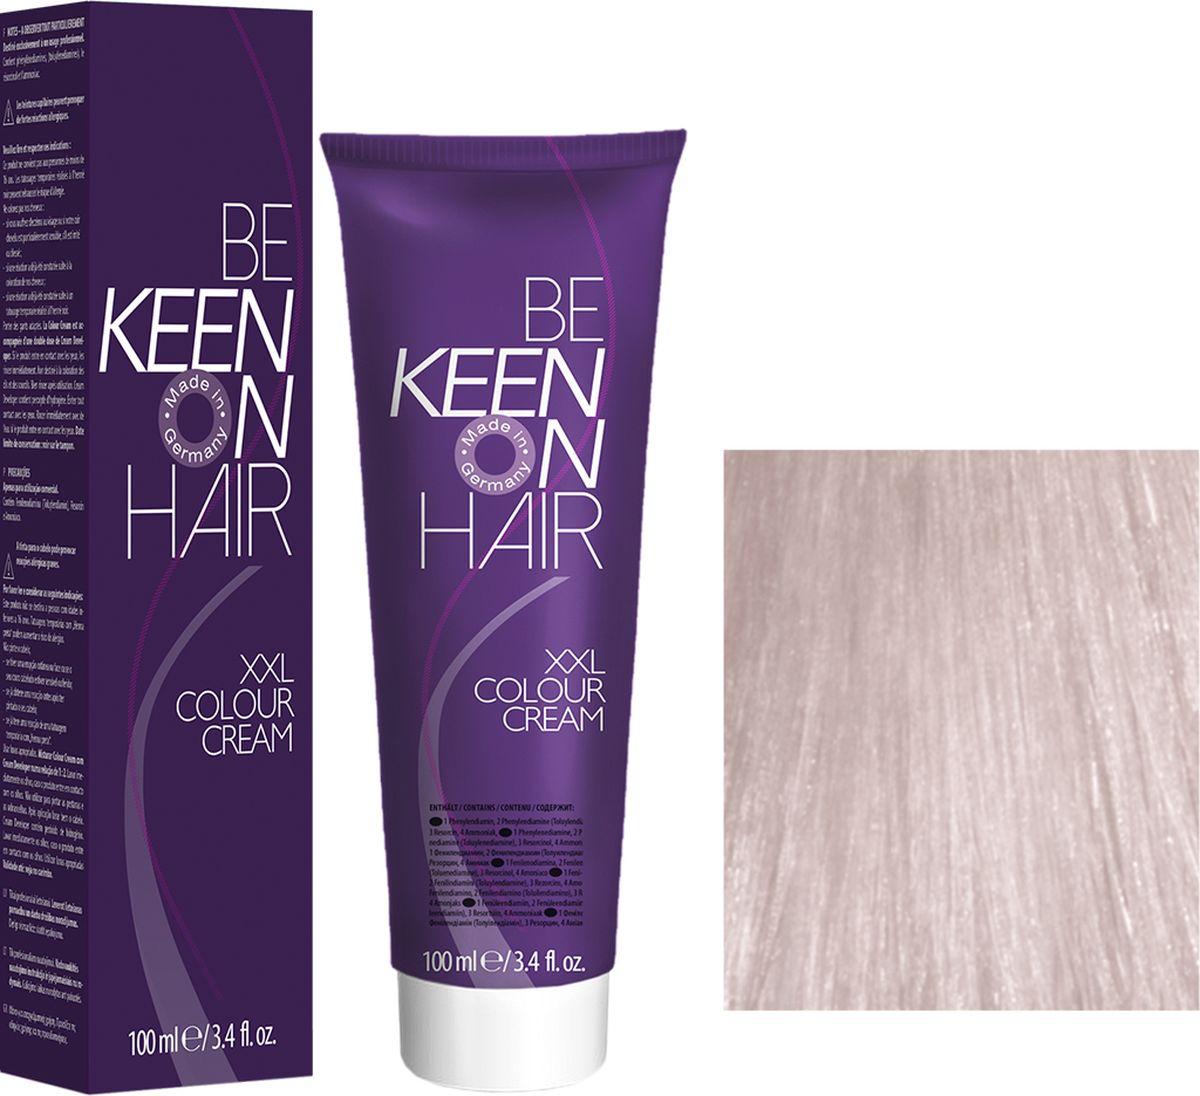 Keen Краска для волос 12.80 Платиново-жемчужный блондин Platinblond Perl, 100 мл0101010781AМодные оттенкиБолее 100 оттенков для креативной комбинации цветов.ЭкономичностьПри использовании тюбика 100 мл вы получаете оптимальное соотношение цены и качества!УходМолочный белок поддерживает структуру волоса во время окрашивания и придает волосам блеск и шелковистость. Протеины хорошо встраиваются в волосы и снабжают их влагой.